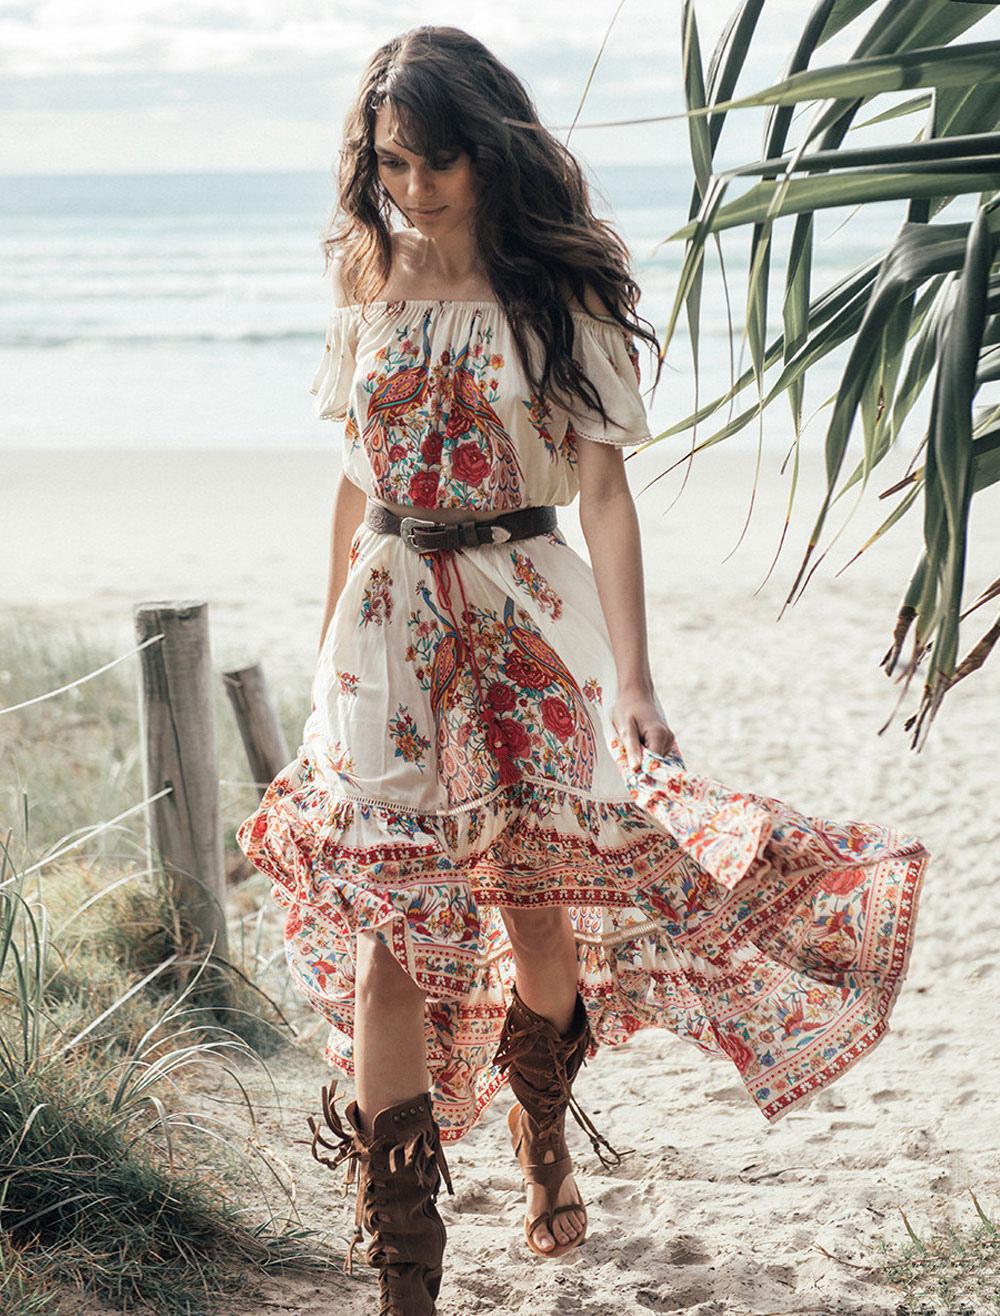 maxikleid rot sommerkleider lang mit print kurzarm damenmode maxi kleid und  carmenausschnitt bohemian kleider chiffon und rüschen für sommer kleider